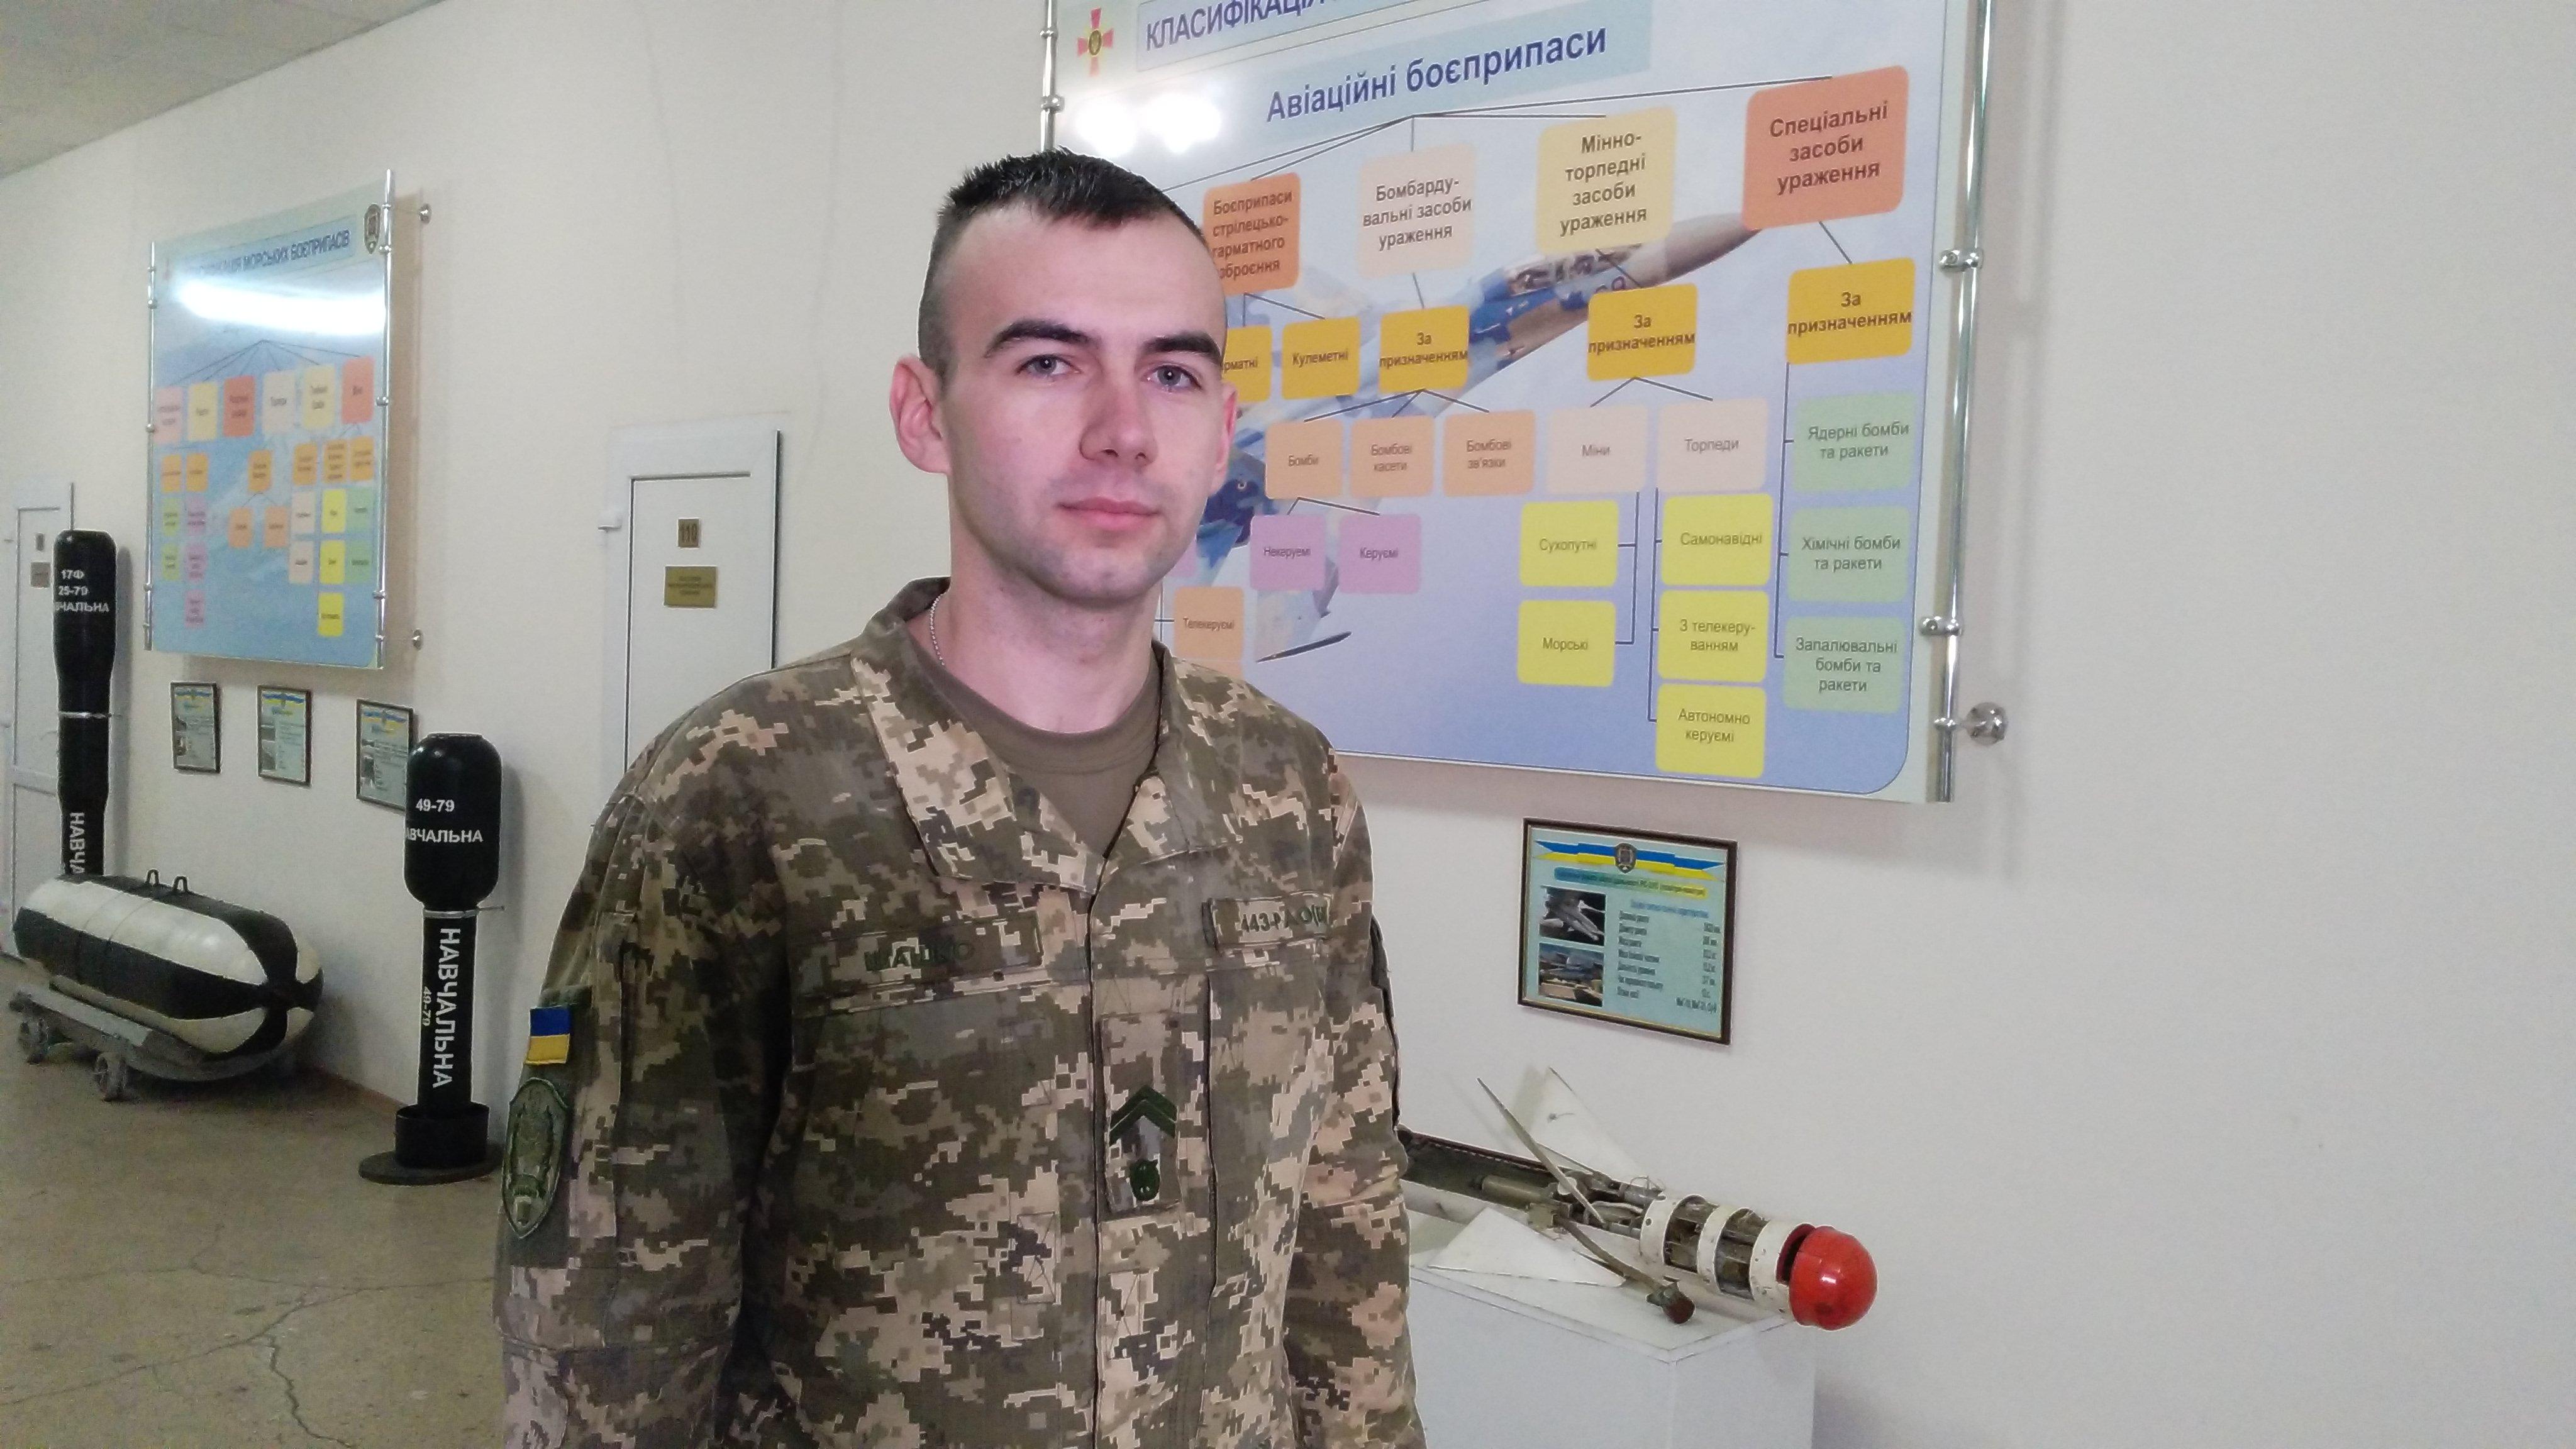 Александр Шашко